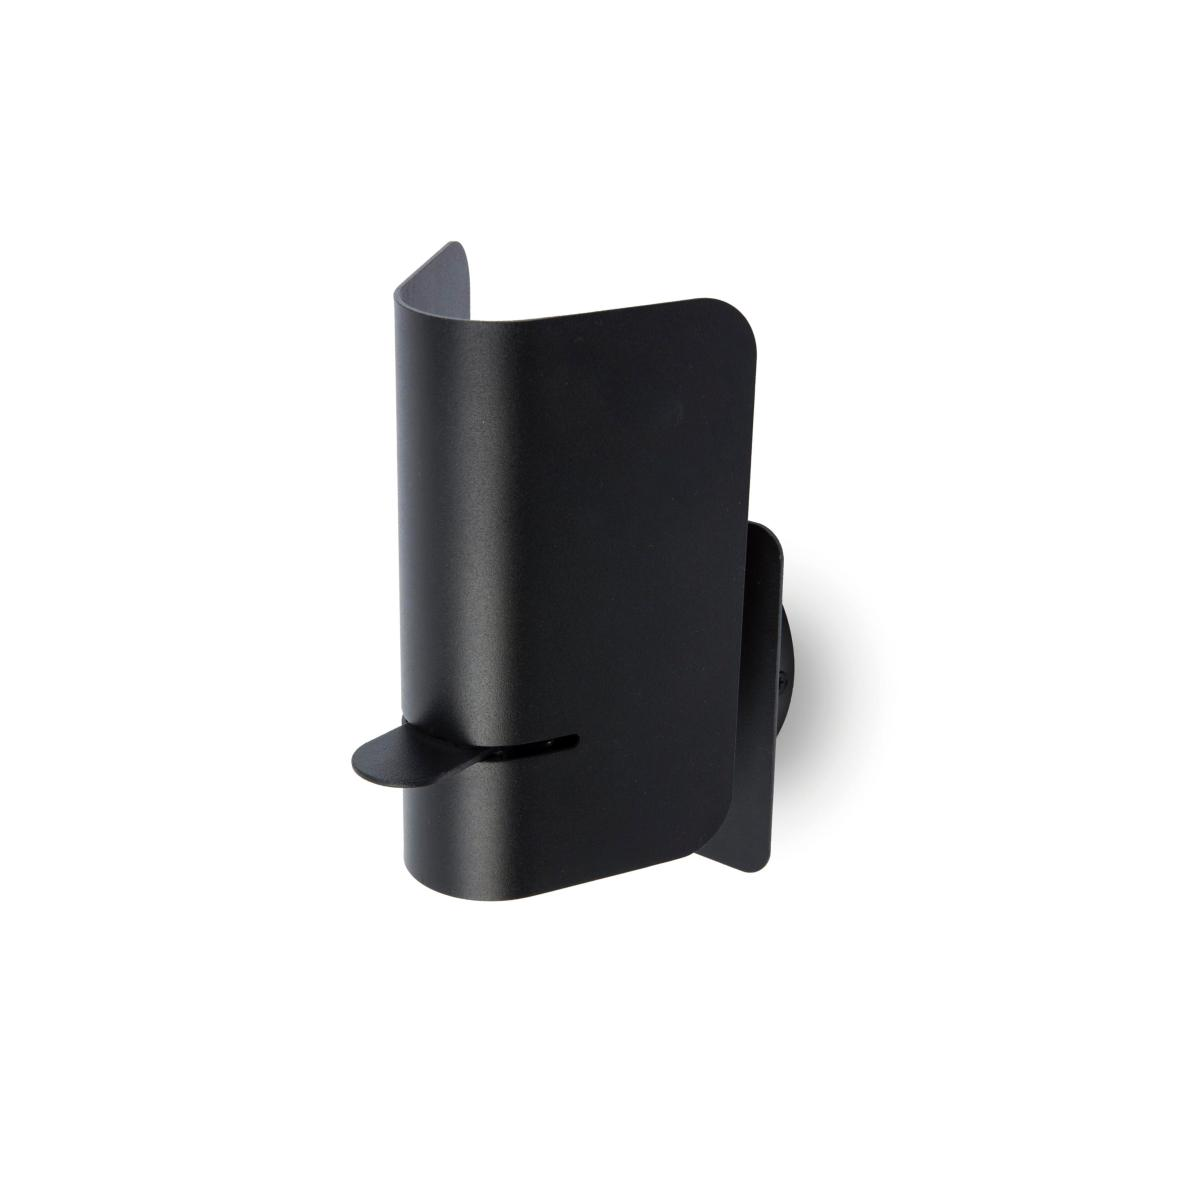 Applique liseuse smile faro led 62131 noir - Applique murale design noire ...